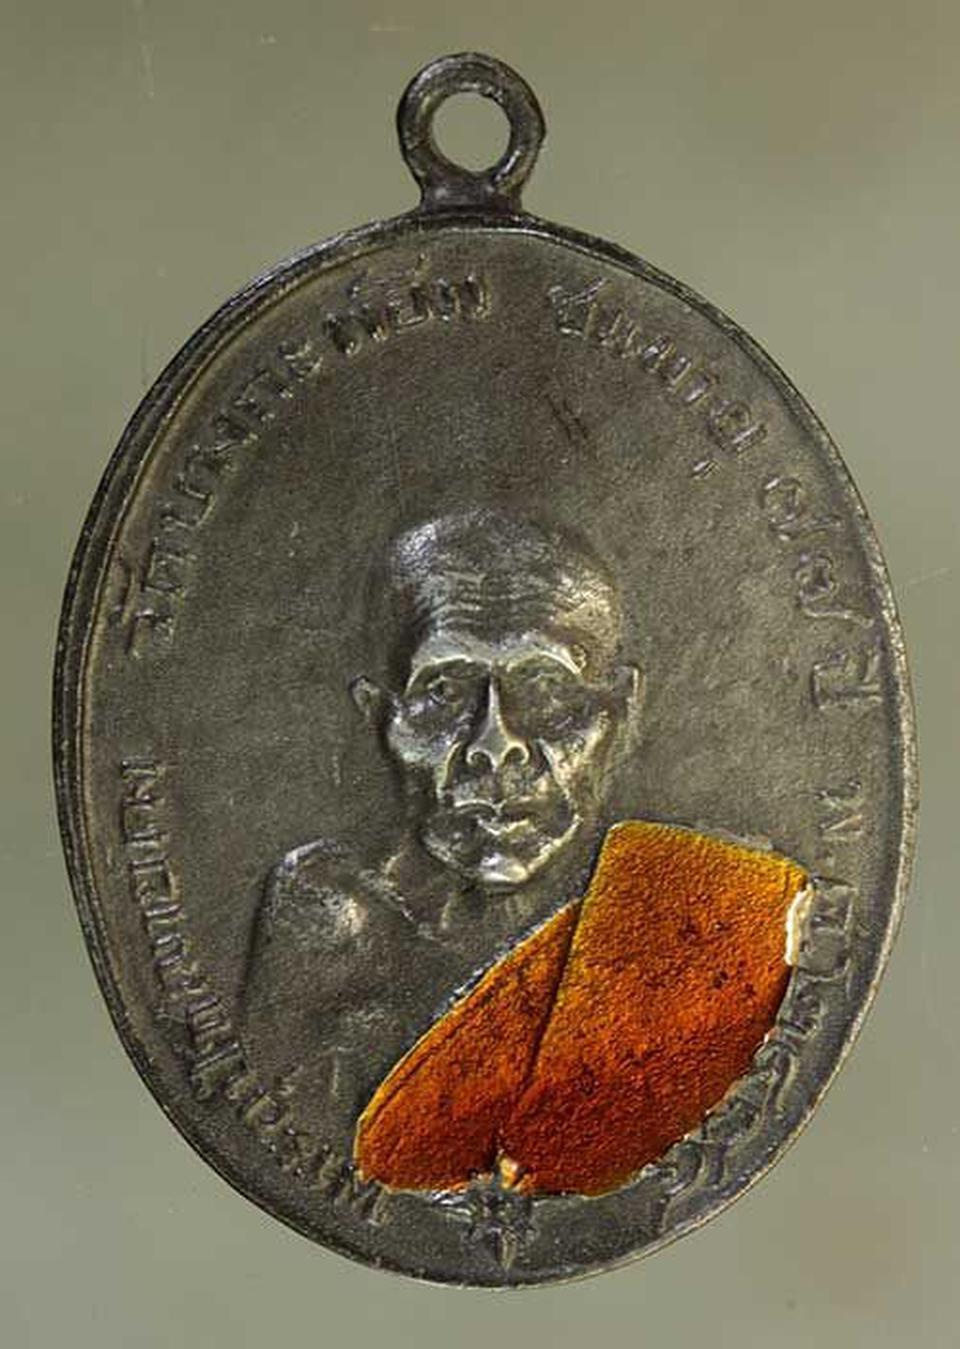 เหรียญ หลวงพ่อคง วัดบางกะพ้อม เนื้อเงิน  j87 รูปที่ 2